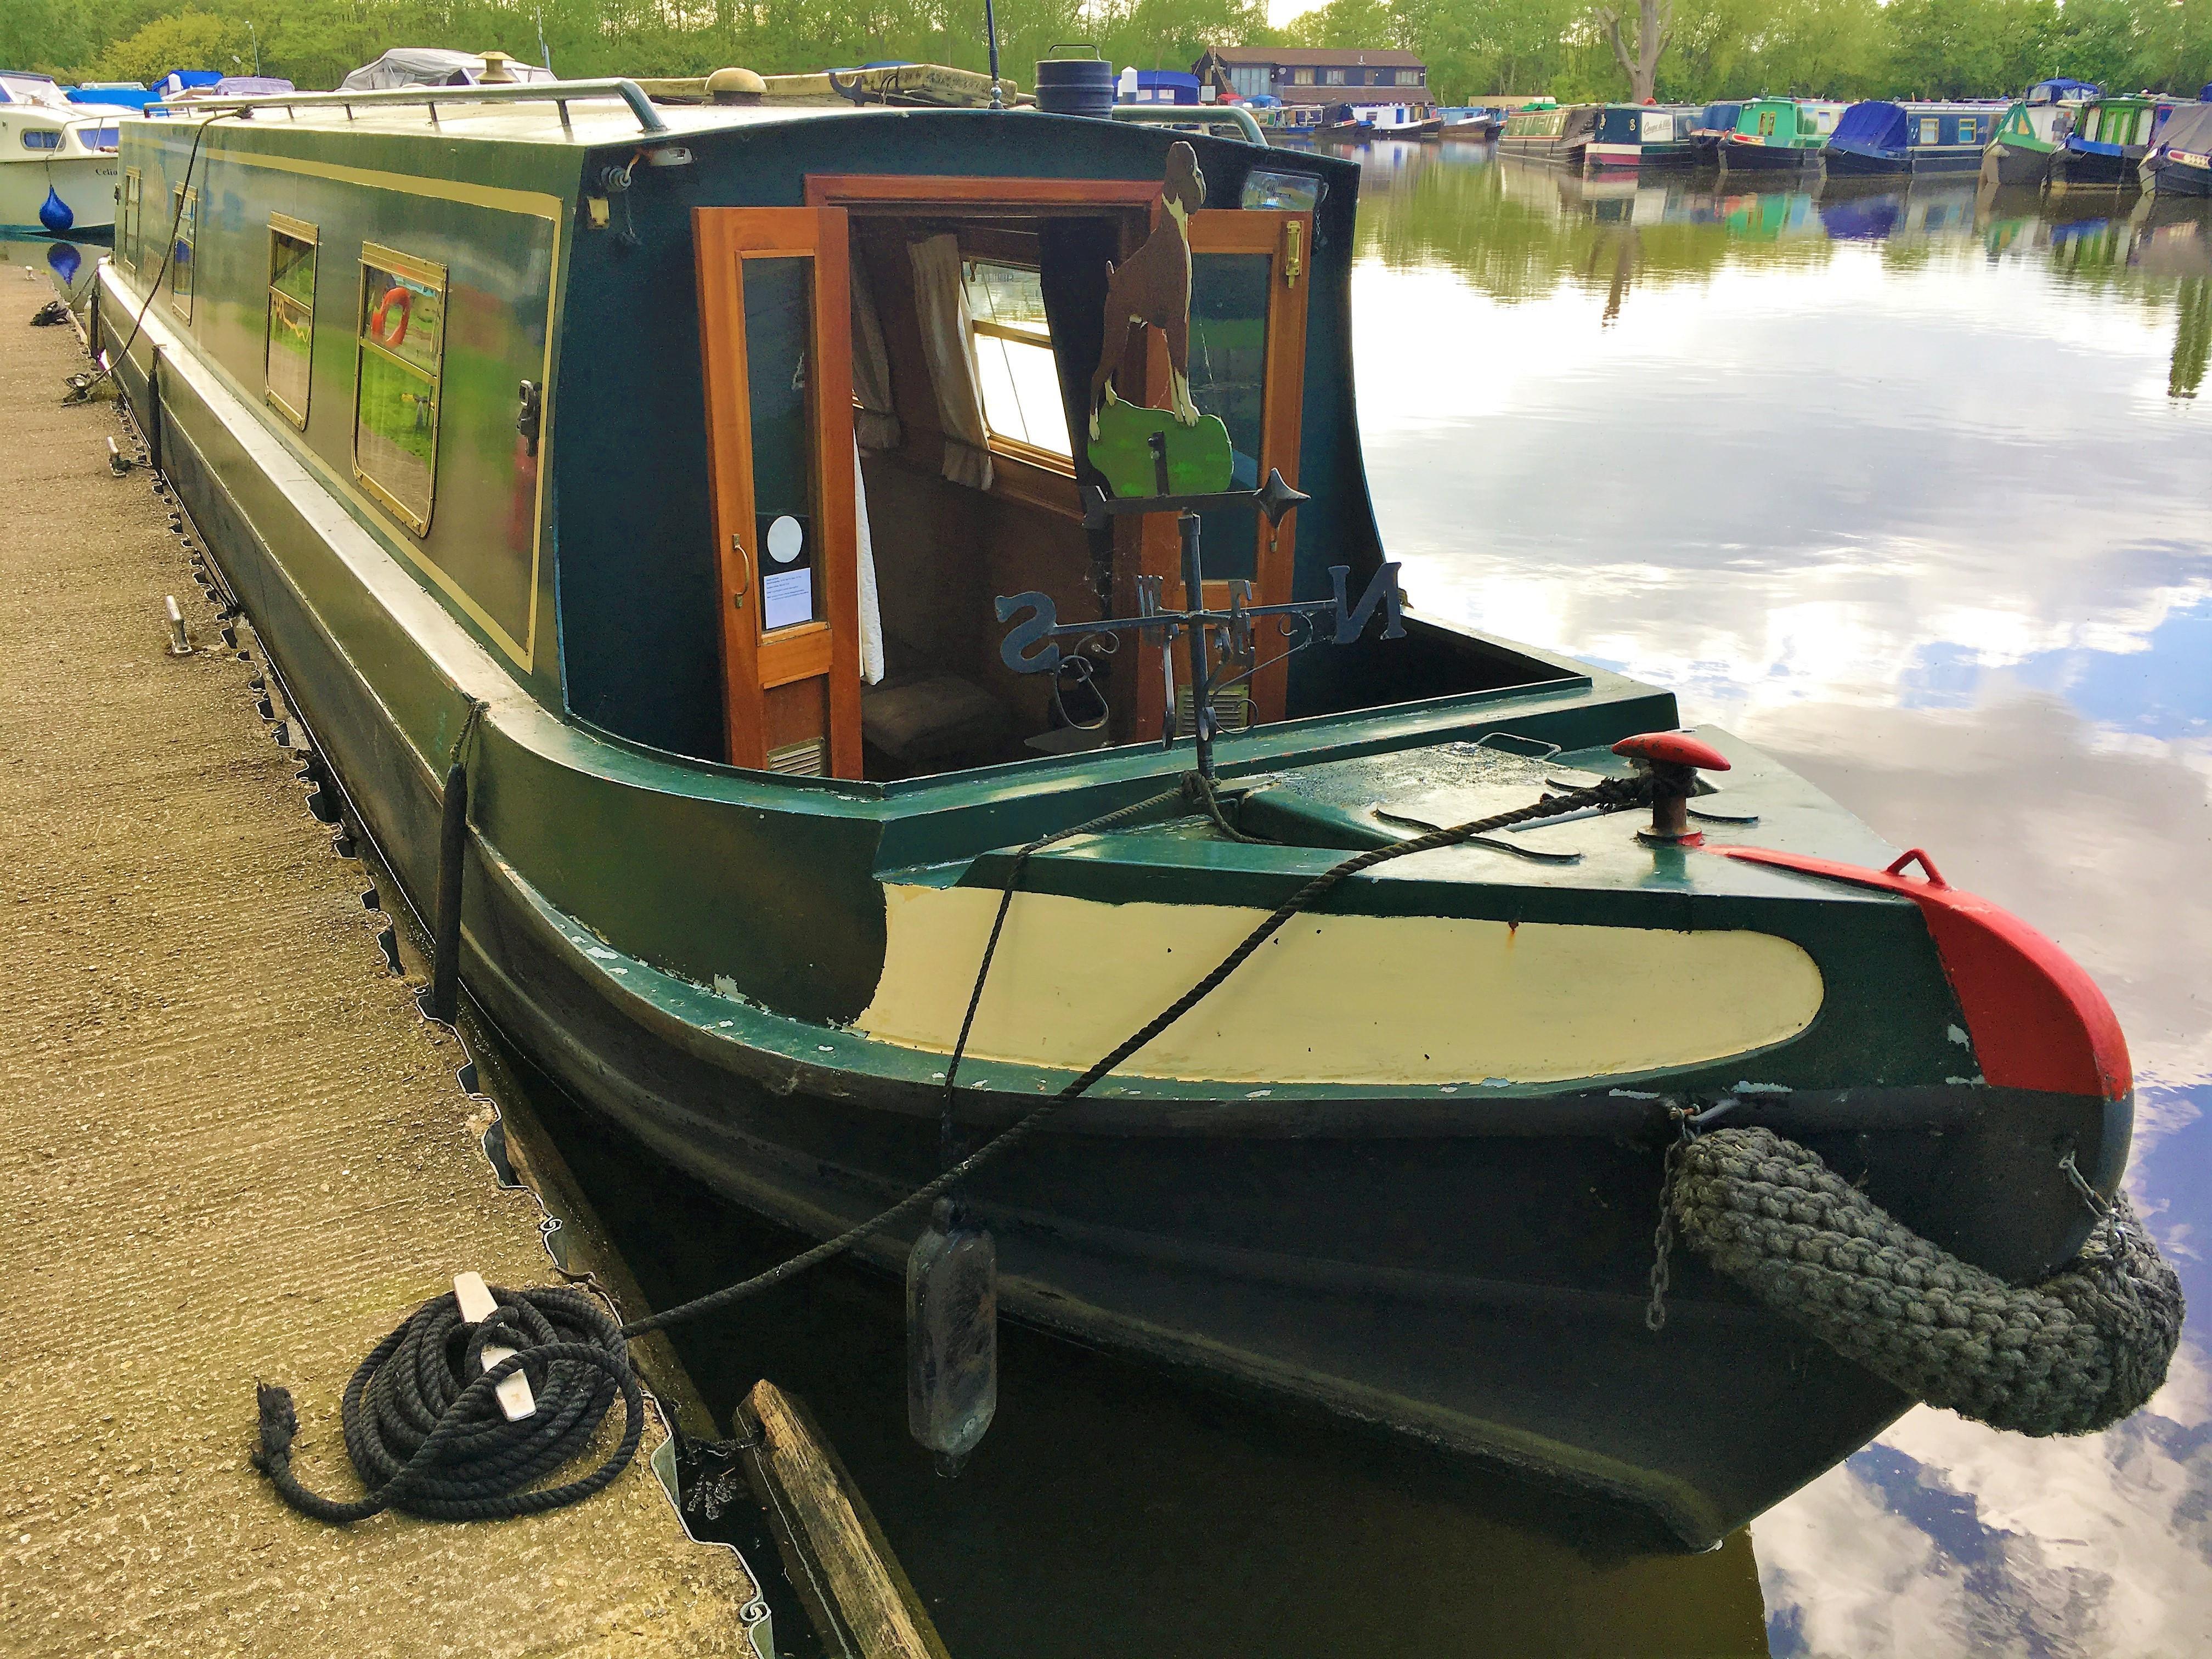 Narrowboat Liverpool Boats 50'